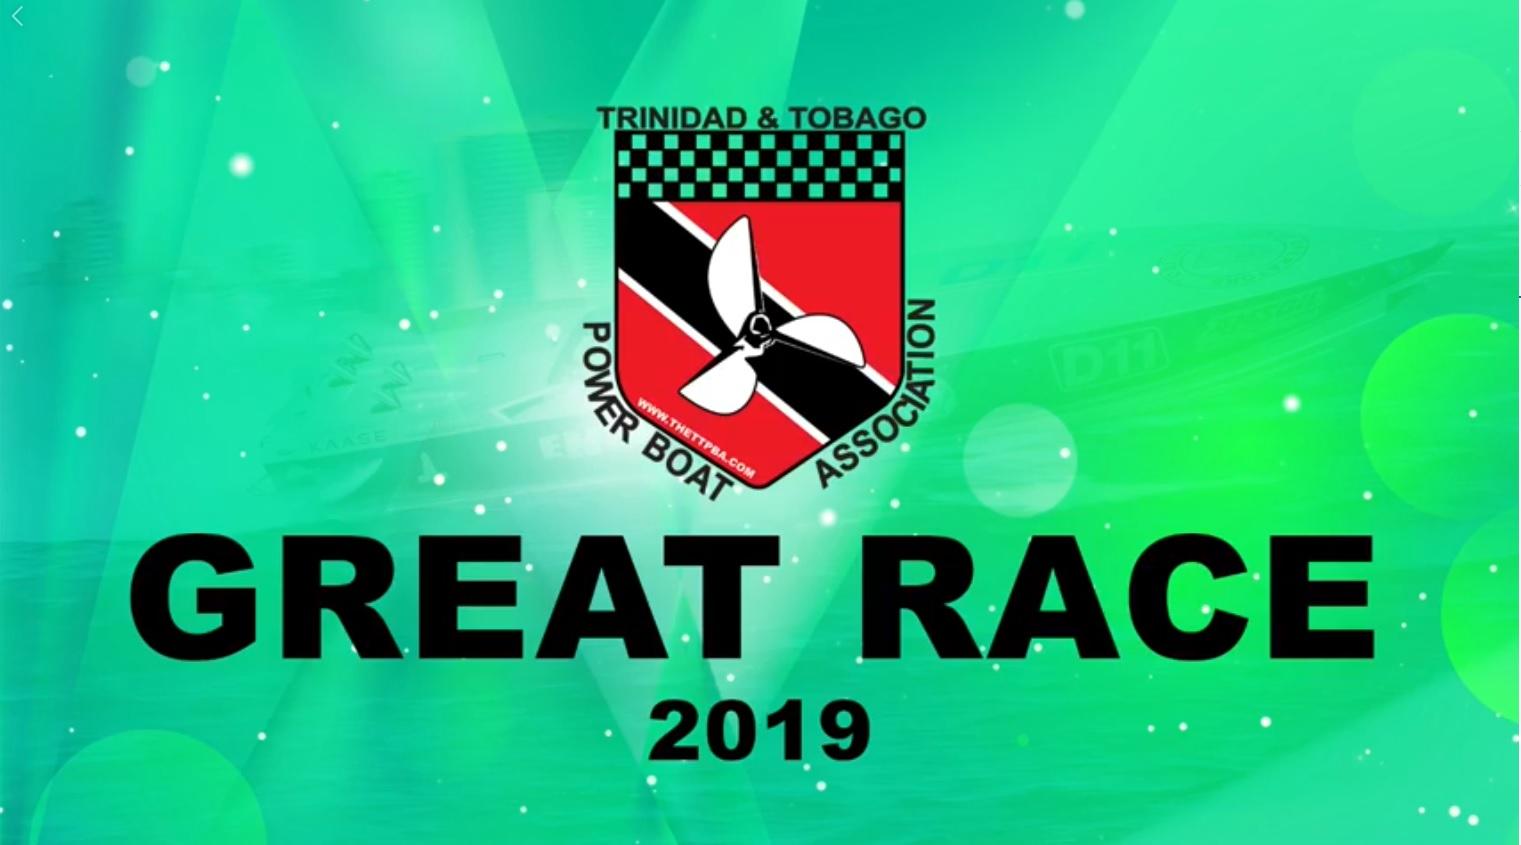 Trinidad and Tobago Great Race 2019